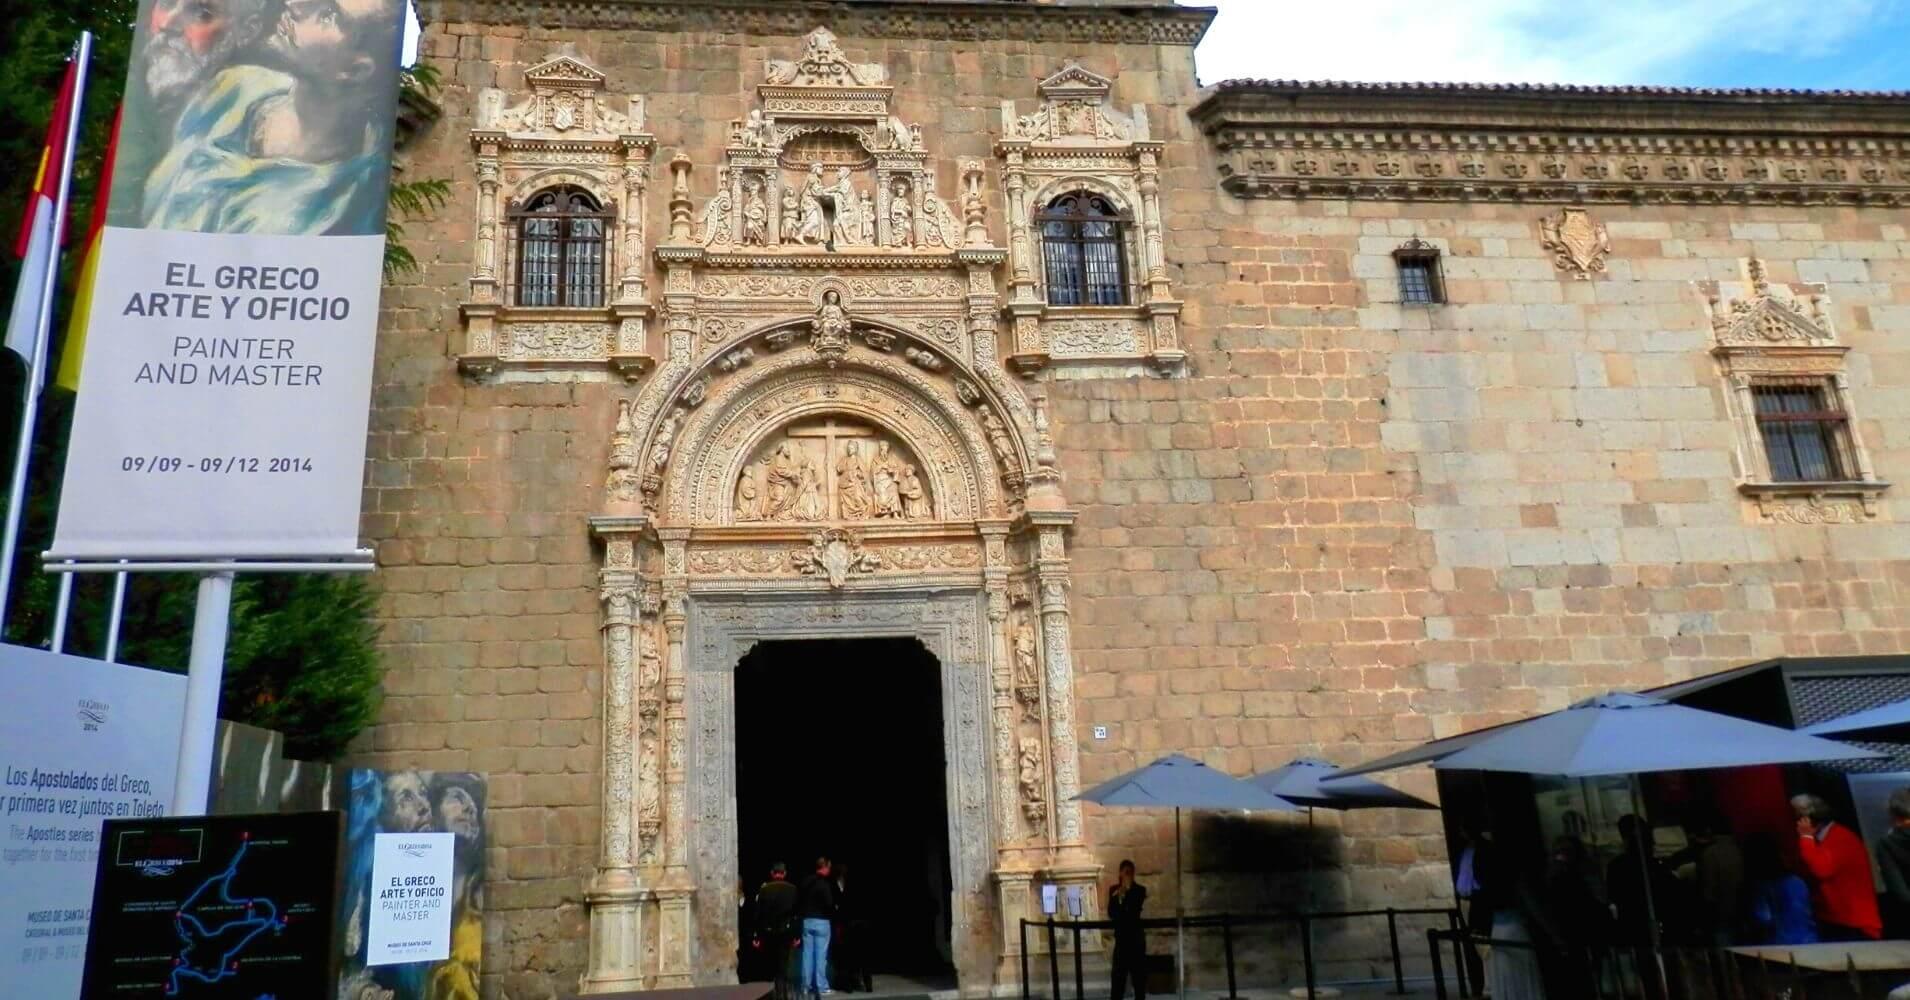 Portada del Museo de Santa Cruz. Toledo, Castilla la Mancha. Puerta de Valmadón. Toledo un Viaje en el Tiempo.